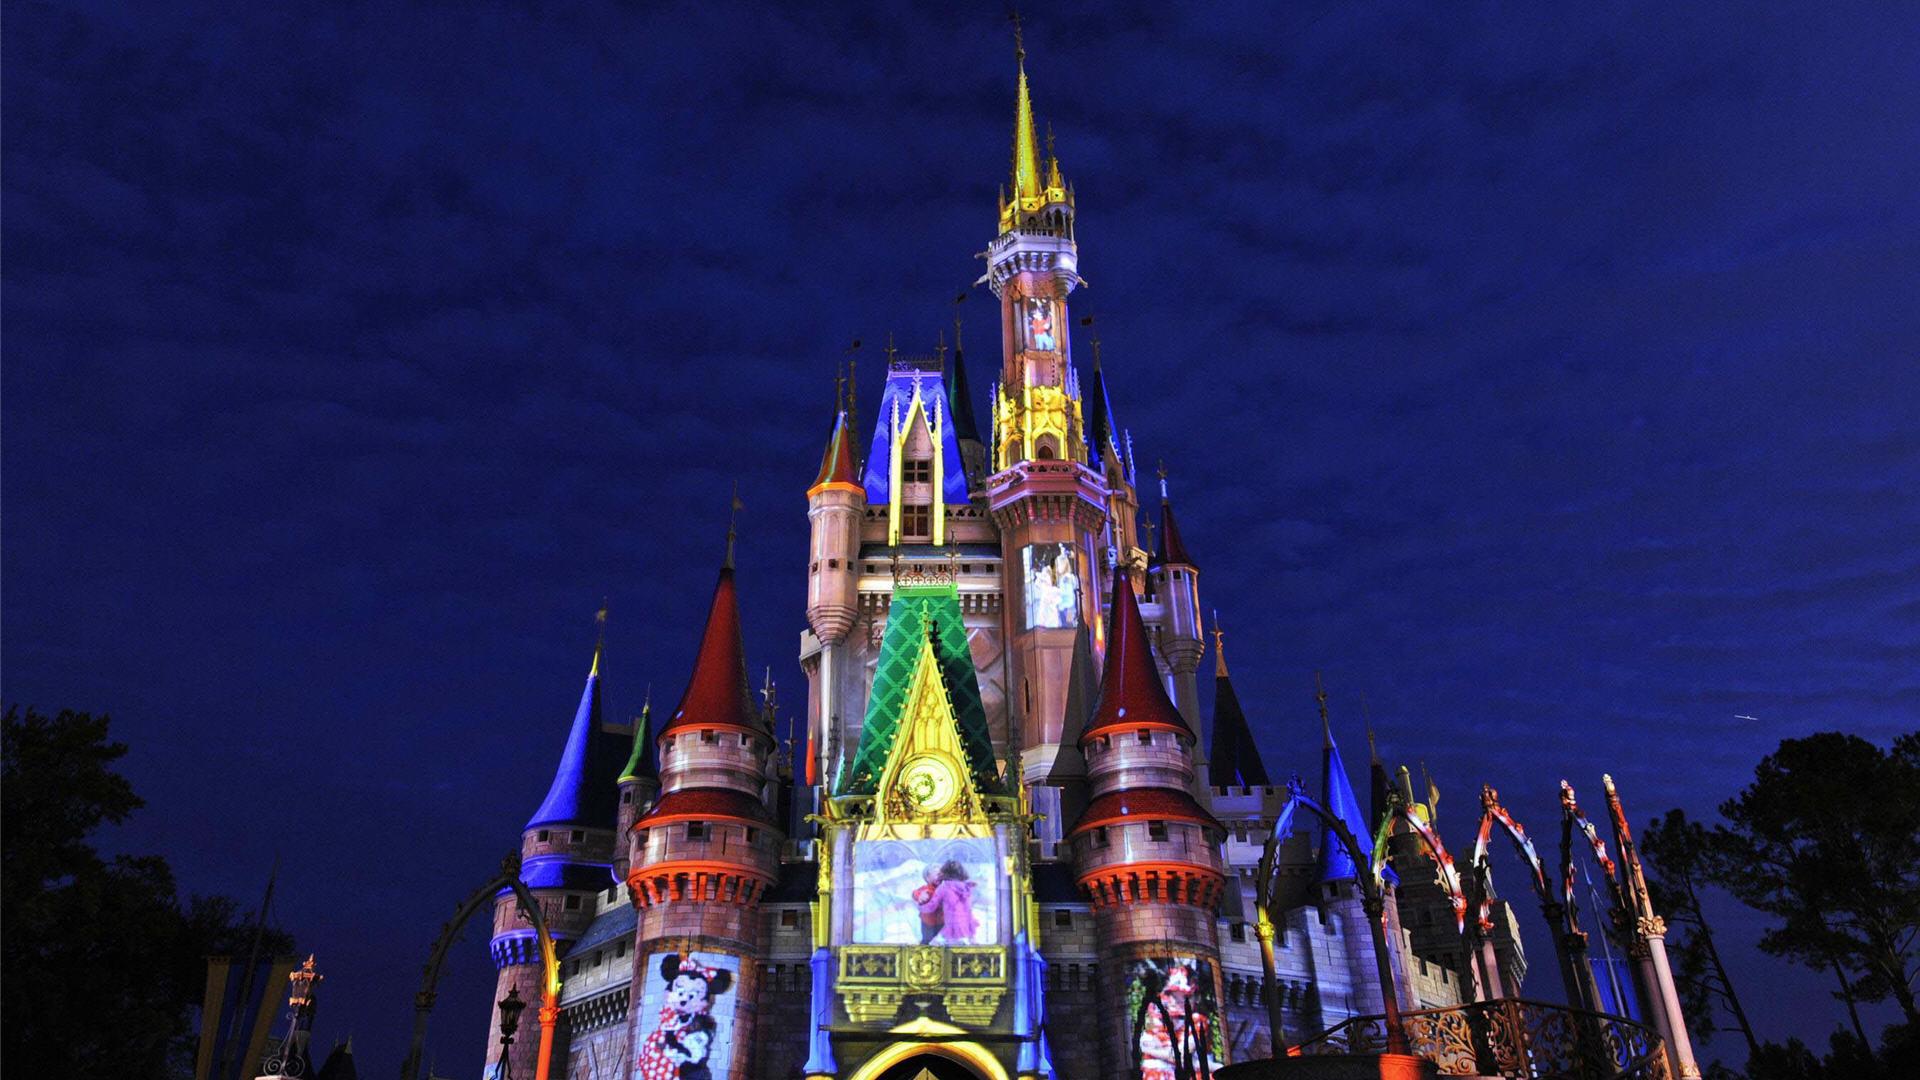 Disney Castle Images Wallpaper